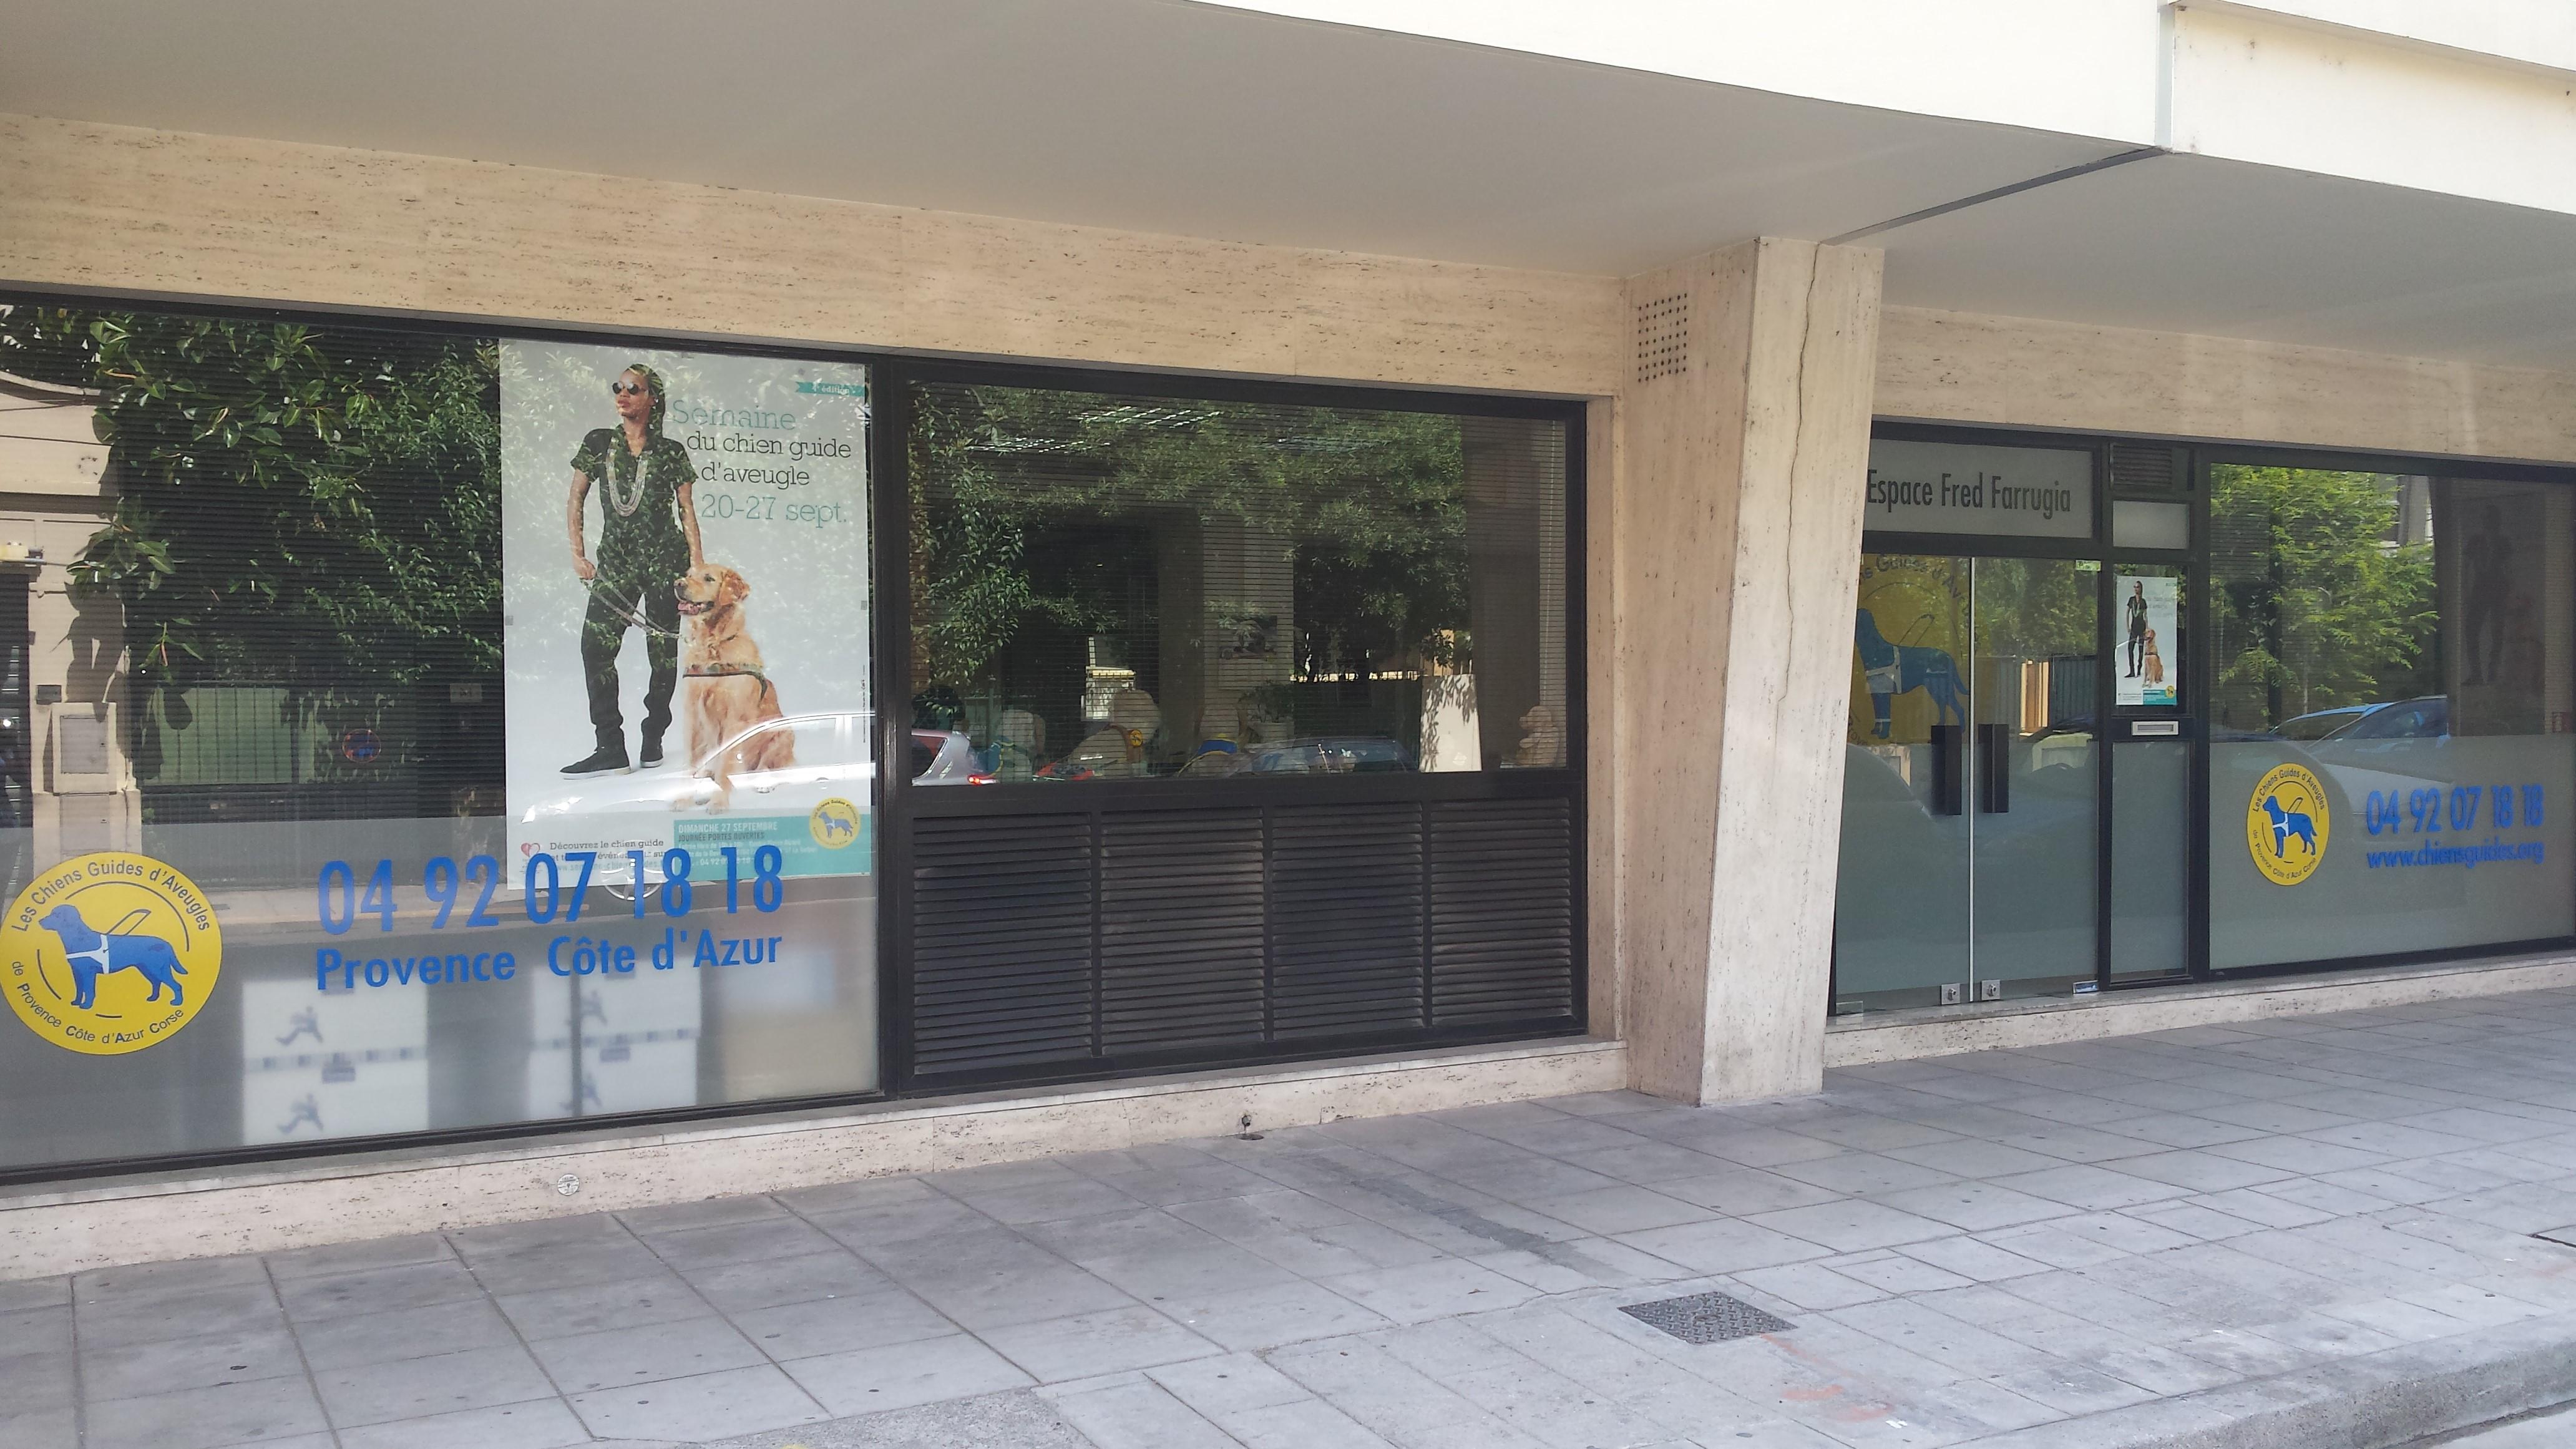 Espace Fred Farrugia à Nice